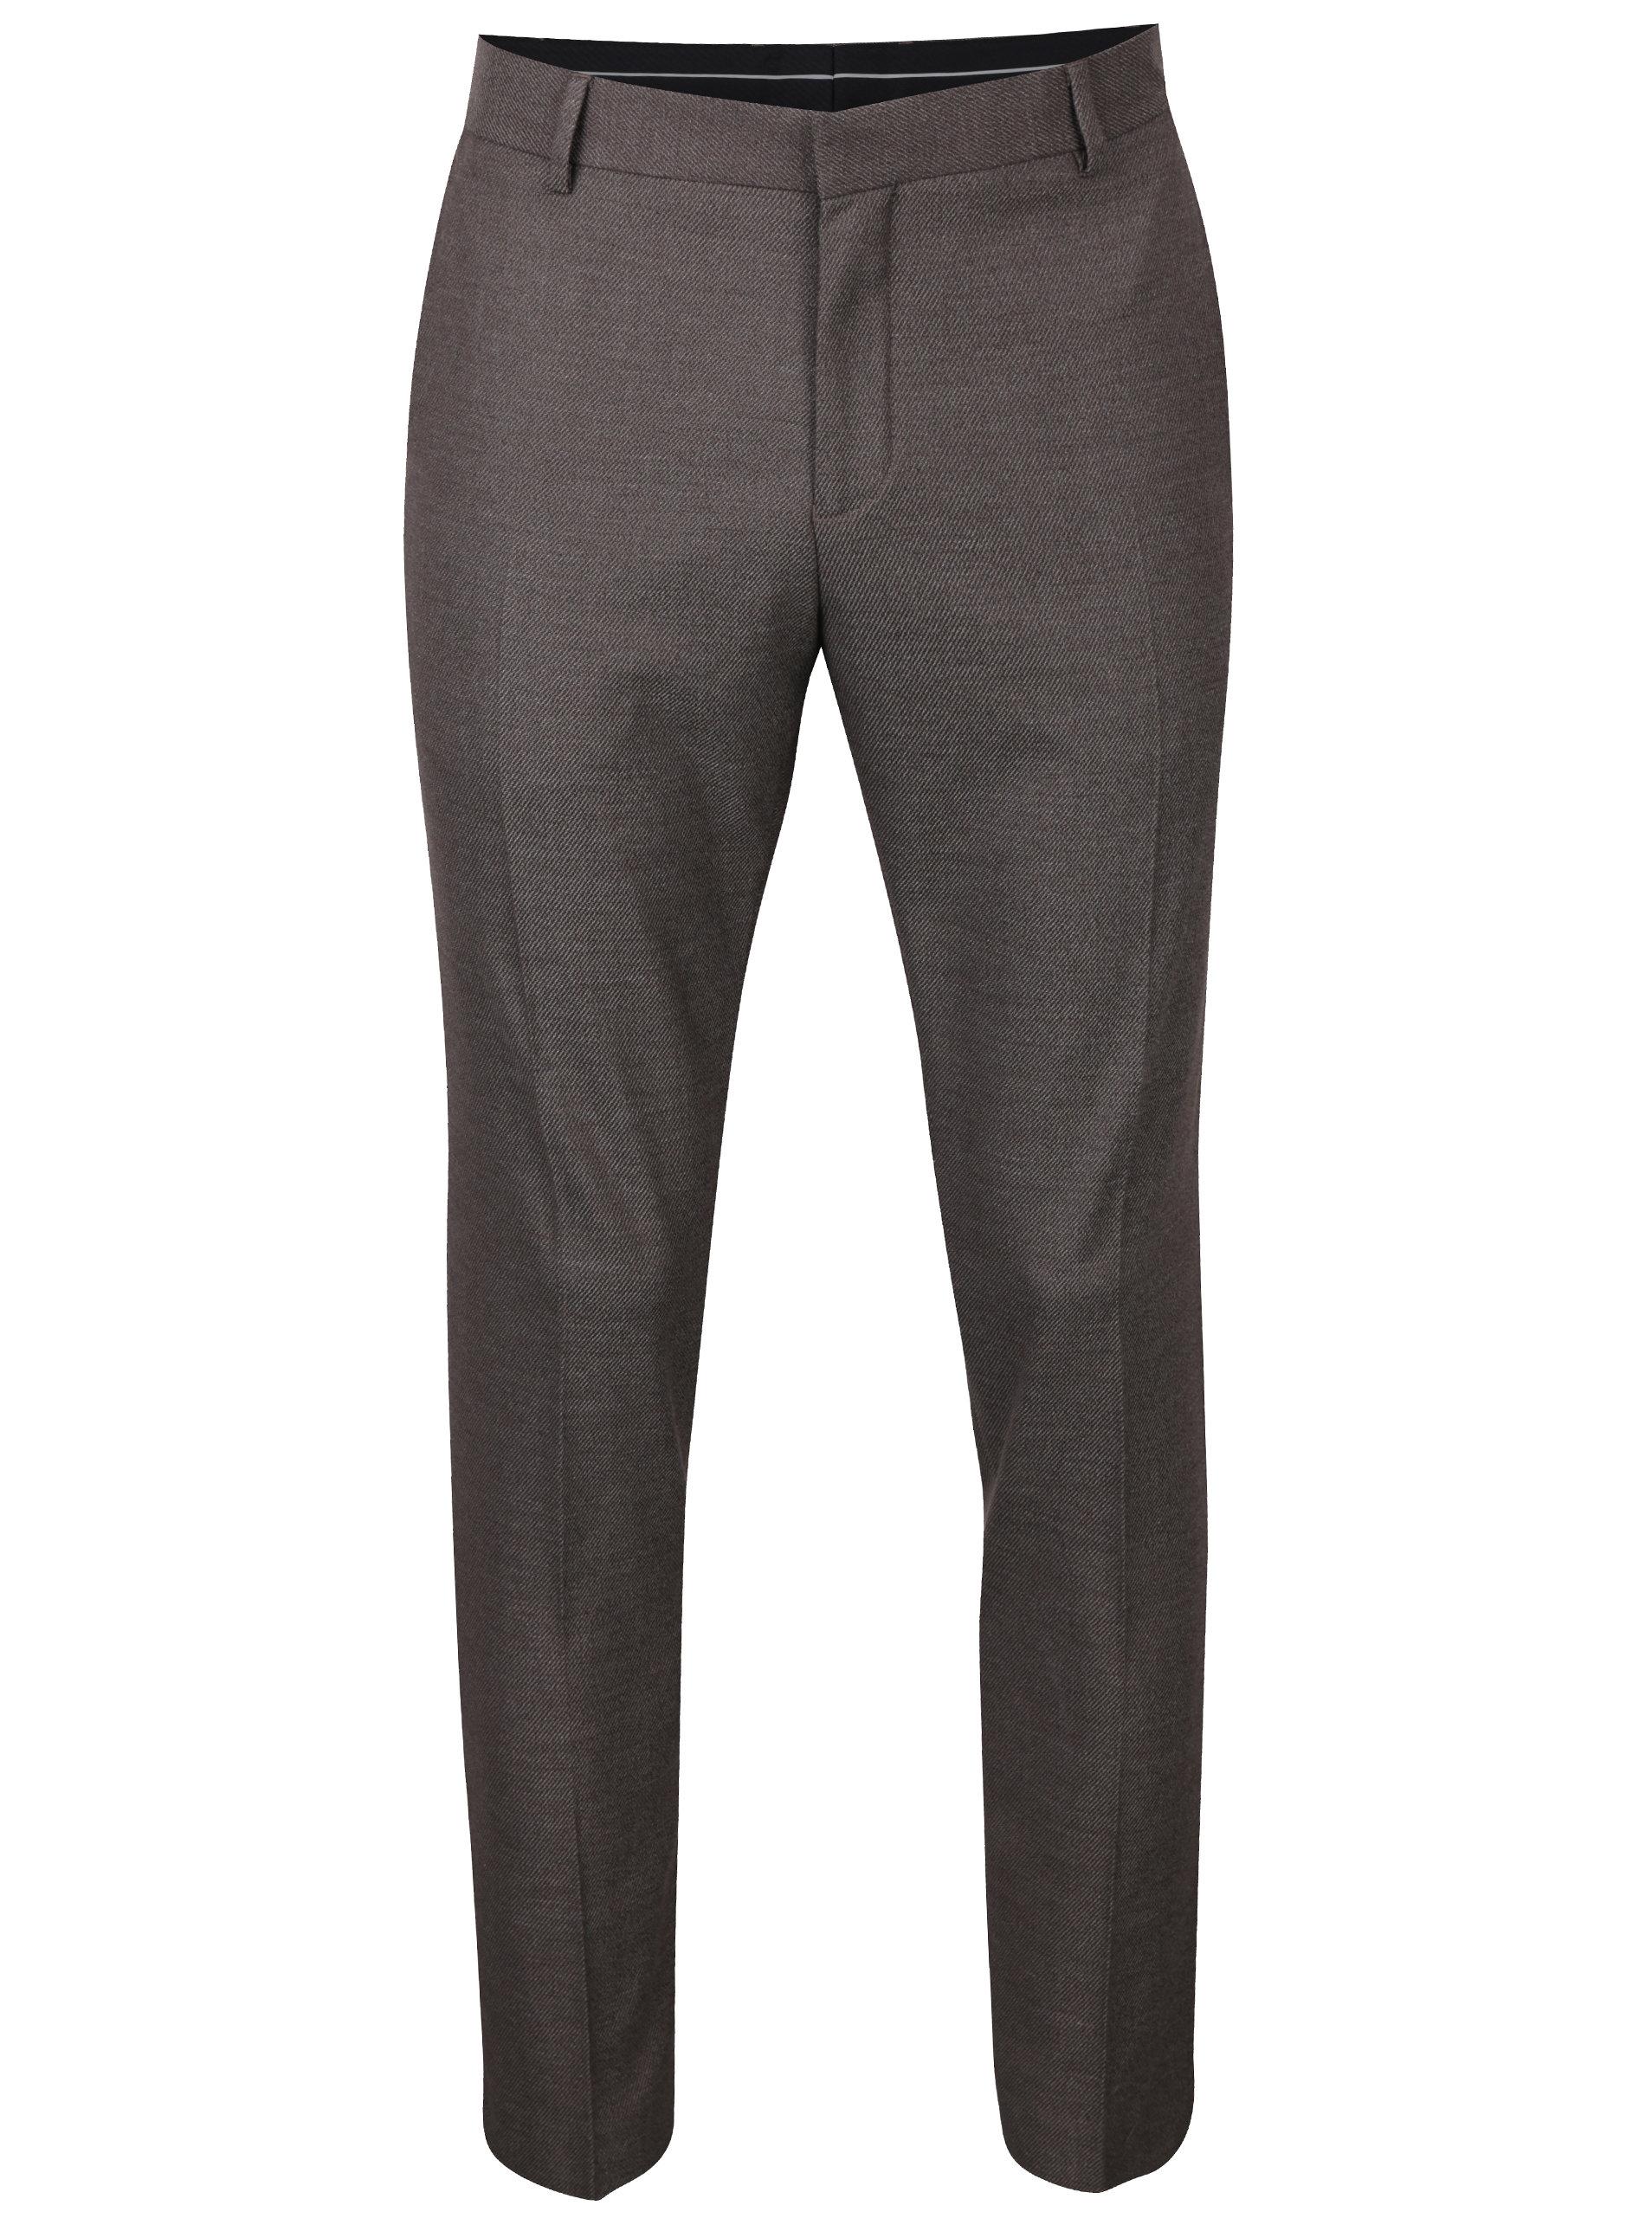 Hnědé žíhané oblekové kalhoty Selected Homme Done Buffalo